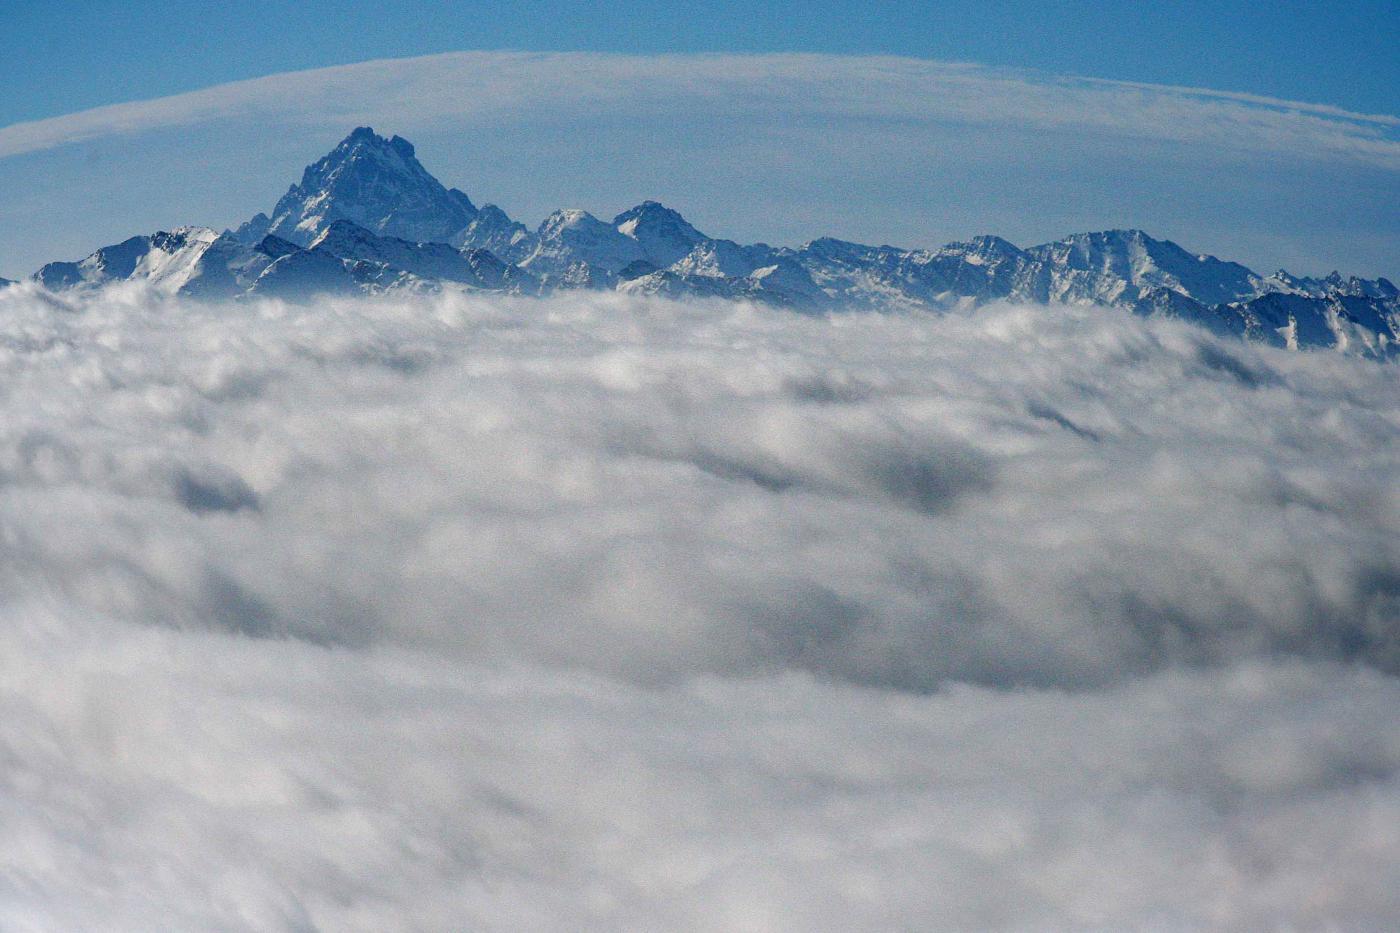 Il Viso sopra le nuvole